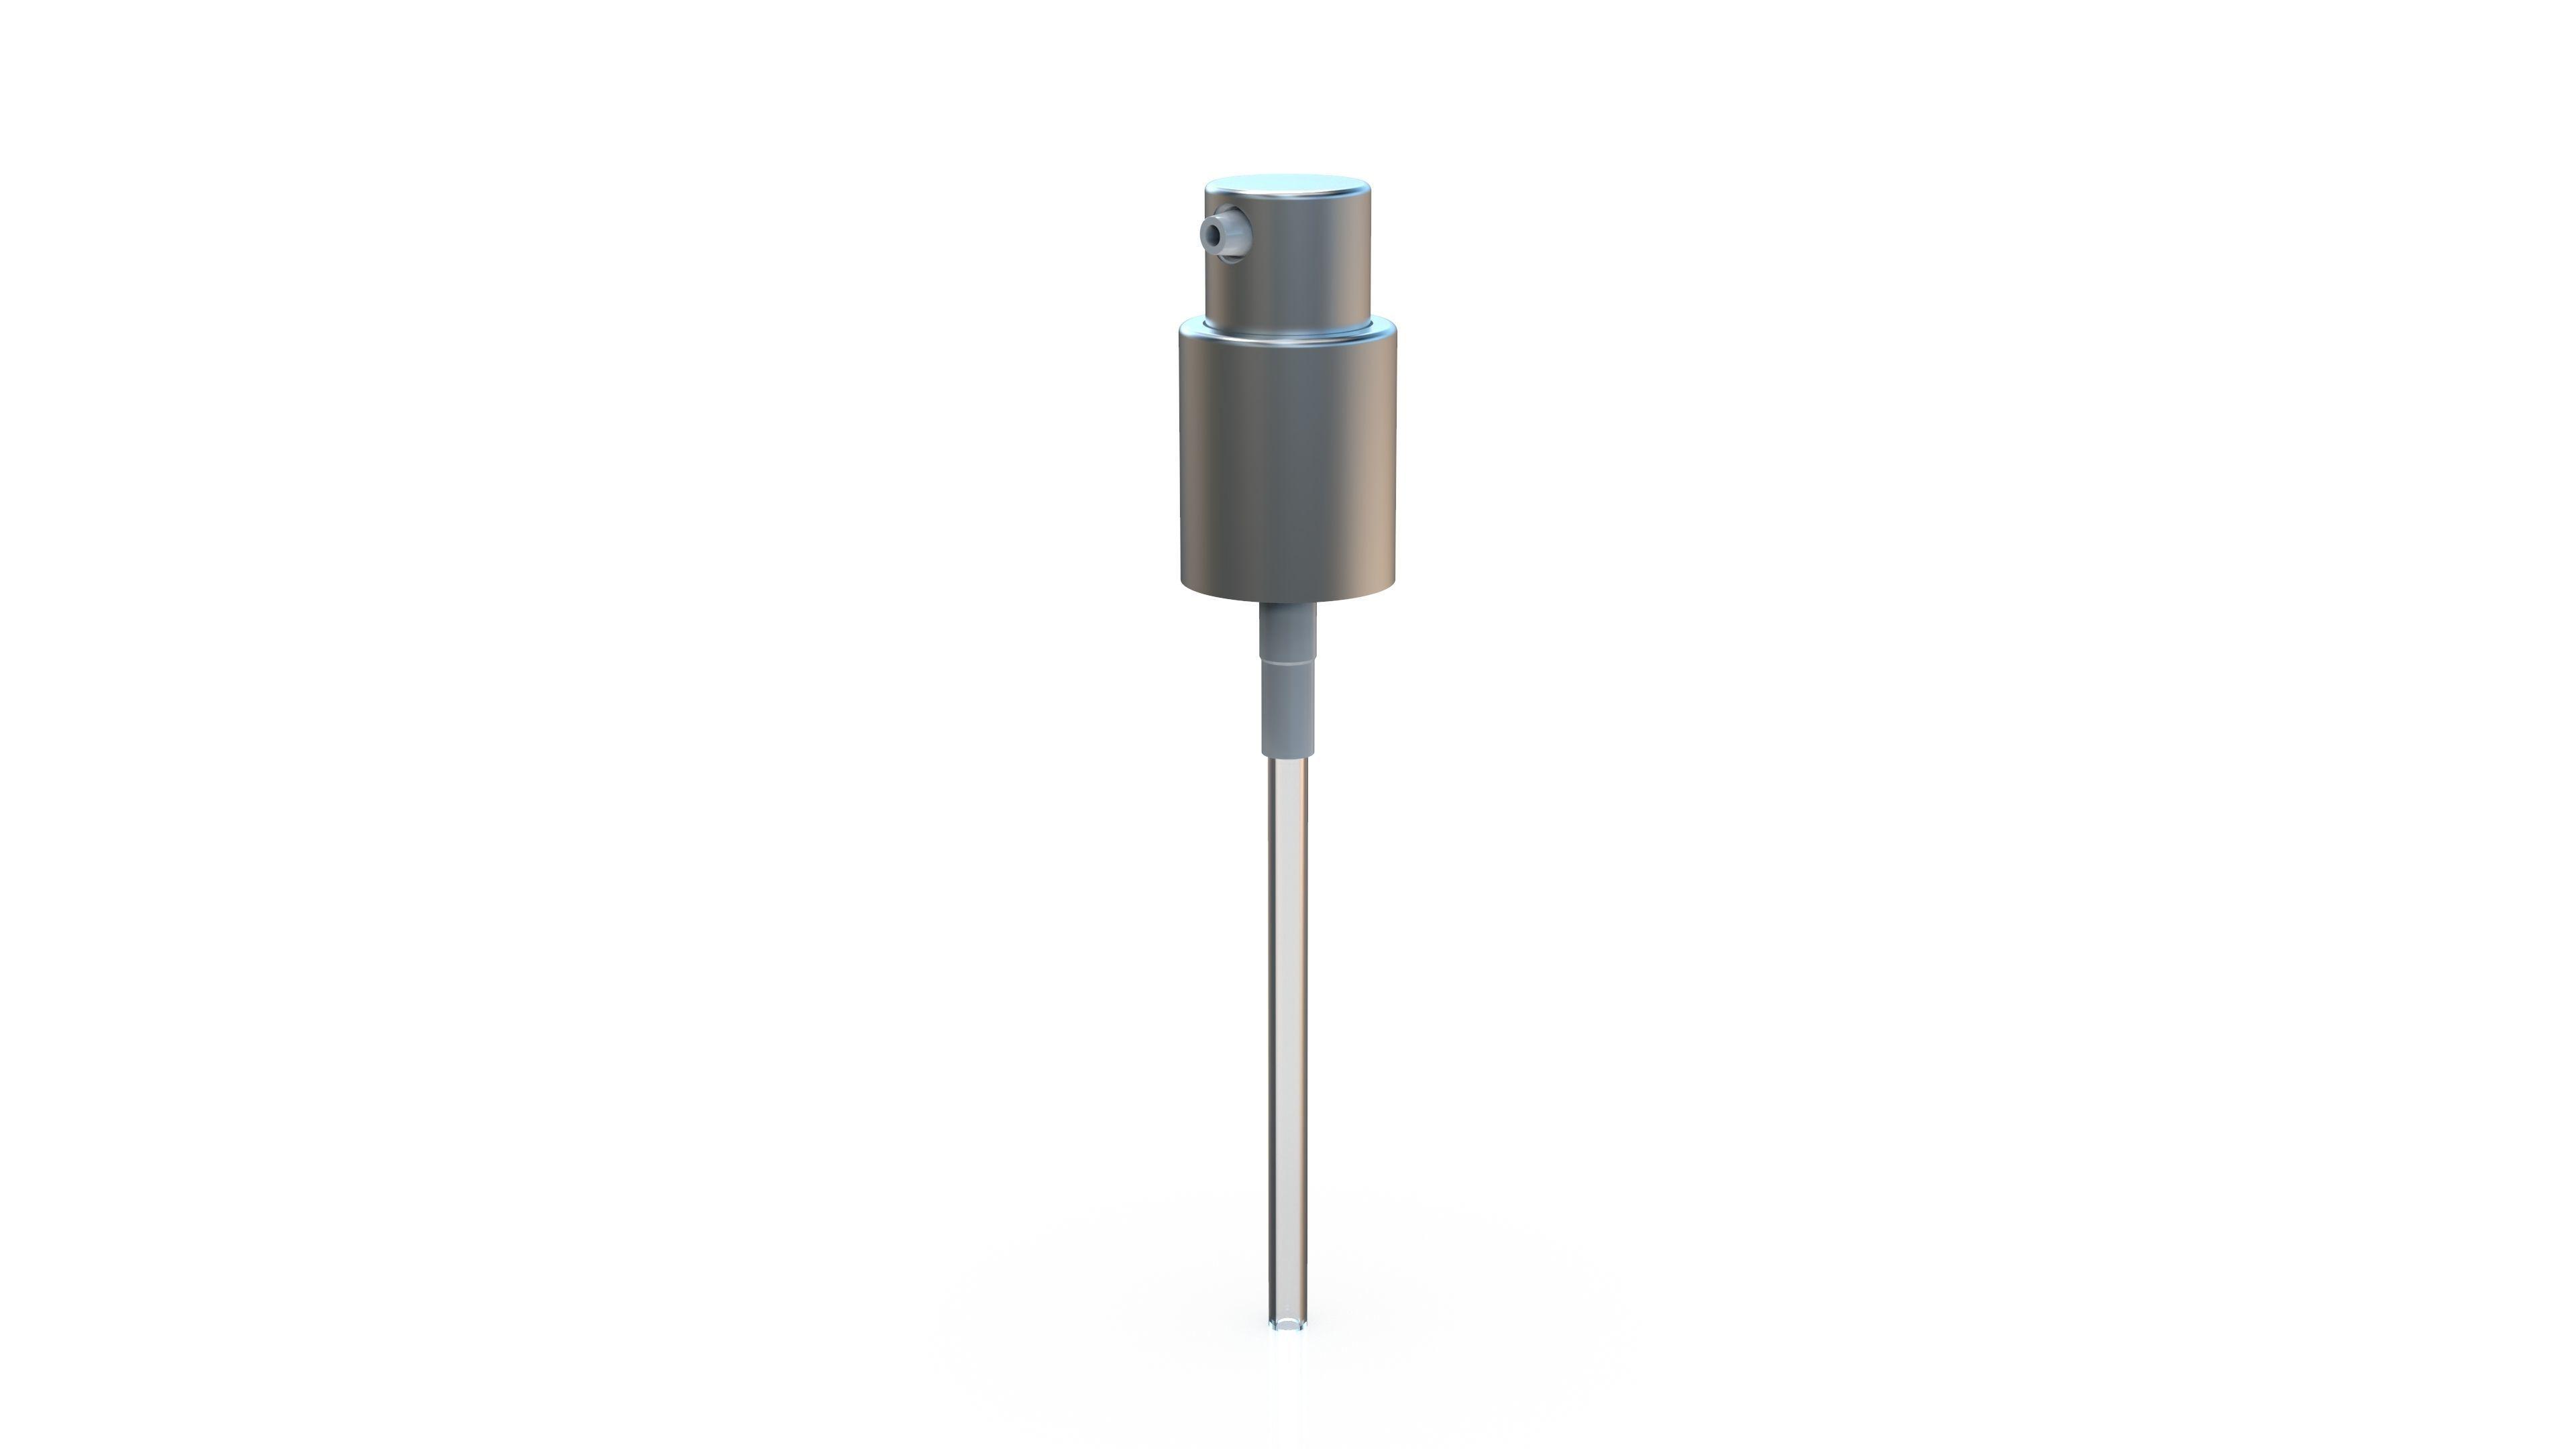 Cream pump - L pipe - 68 mm - Thread SP-415-18 - PT18415WSS-C2F